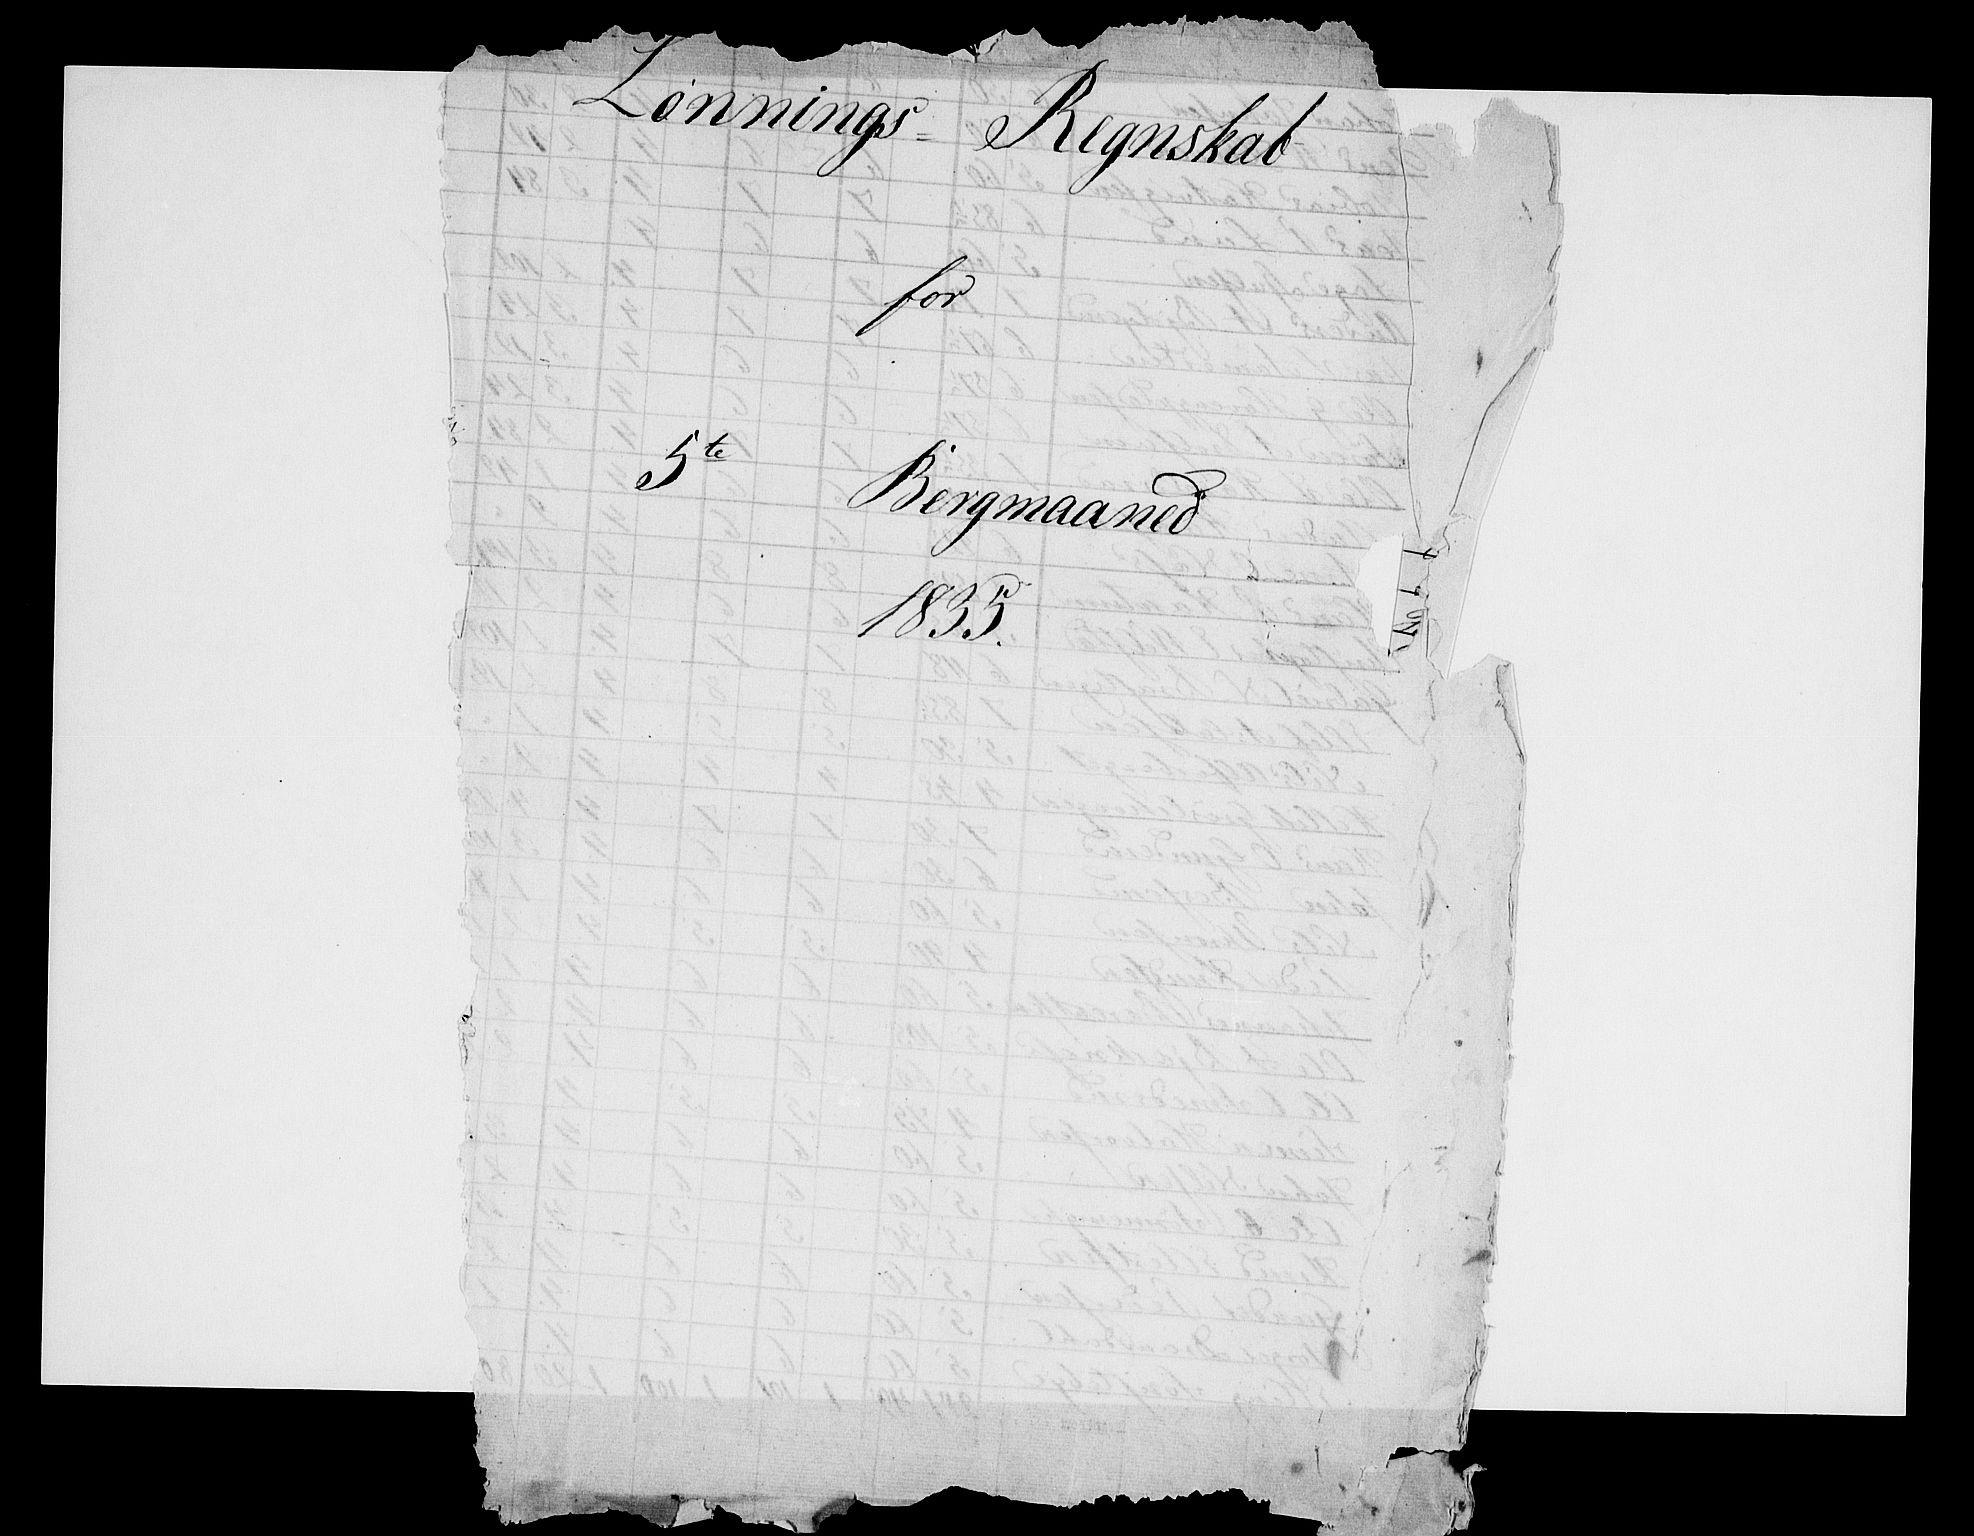 RA, Modums Blaafarveværk, G/Gd/Gdb/L0211: Rester av regnskapsprotokoller, 1825-1836, s. 2